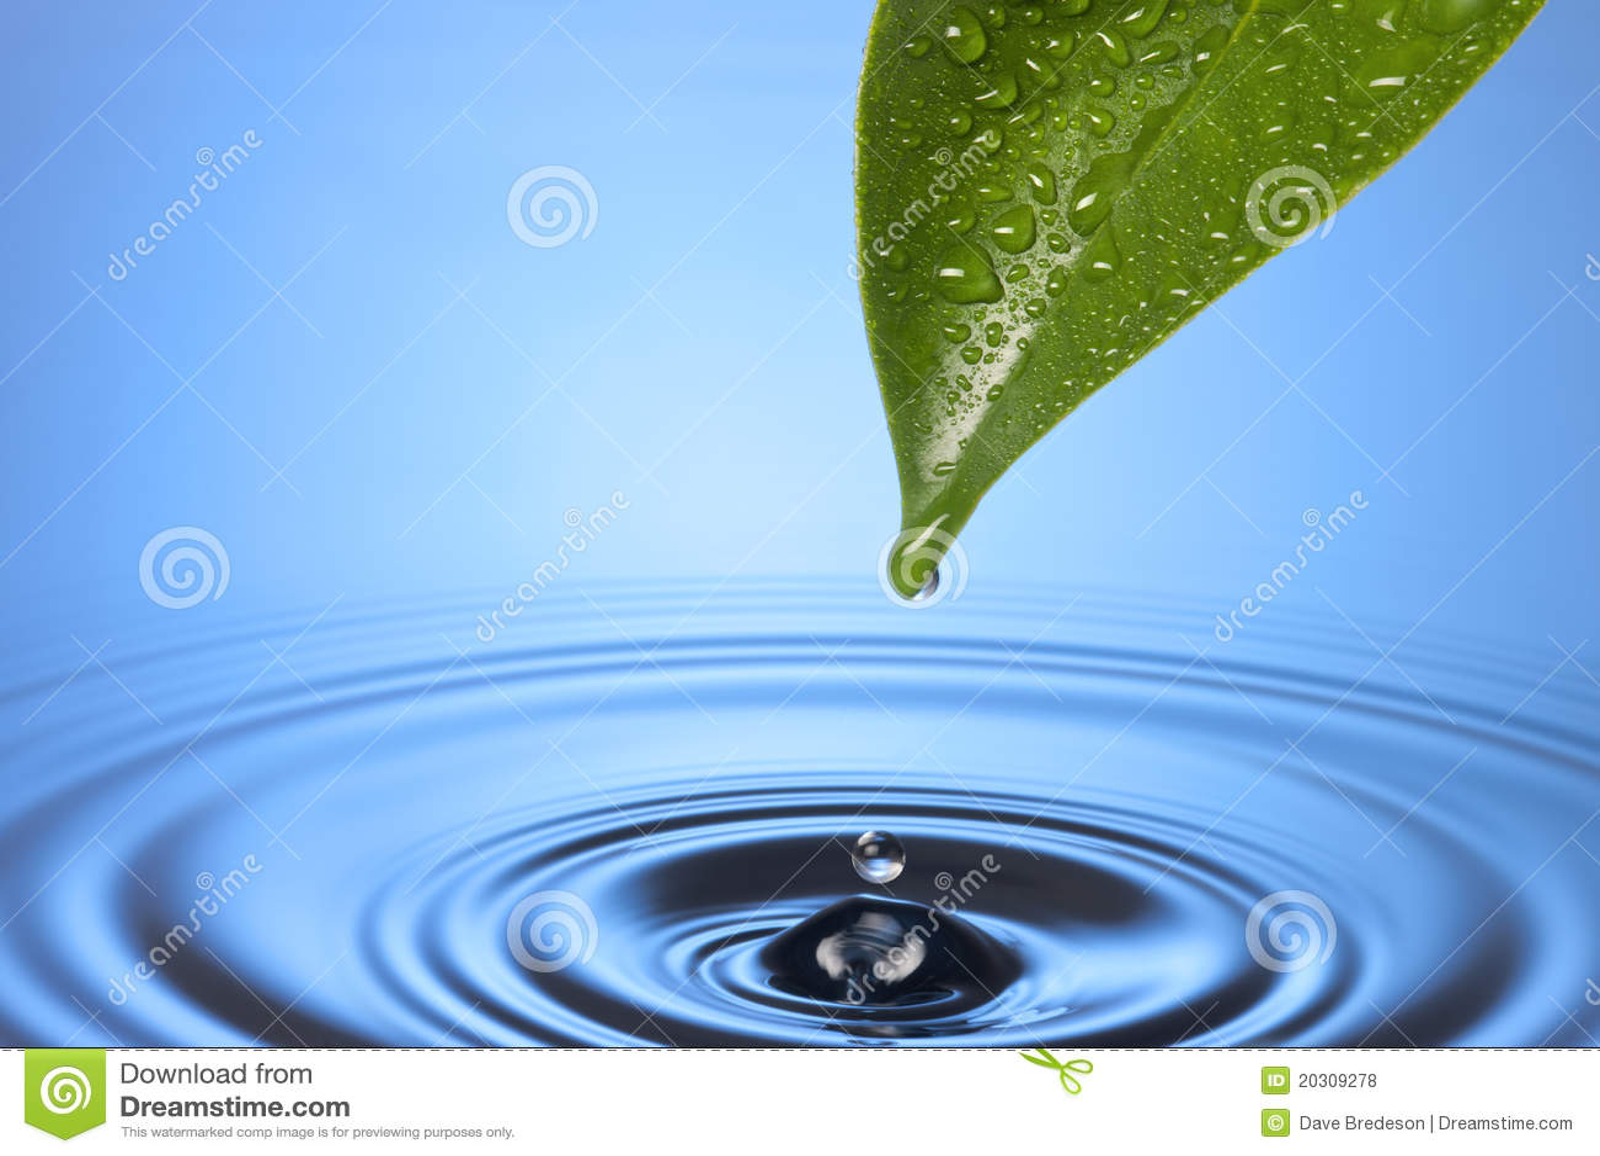 Ondulaciones de la hoja de la gota del agua